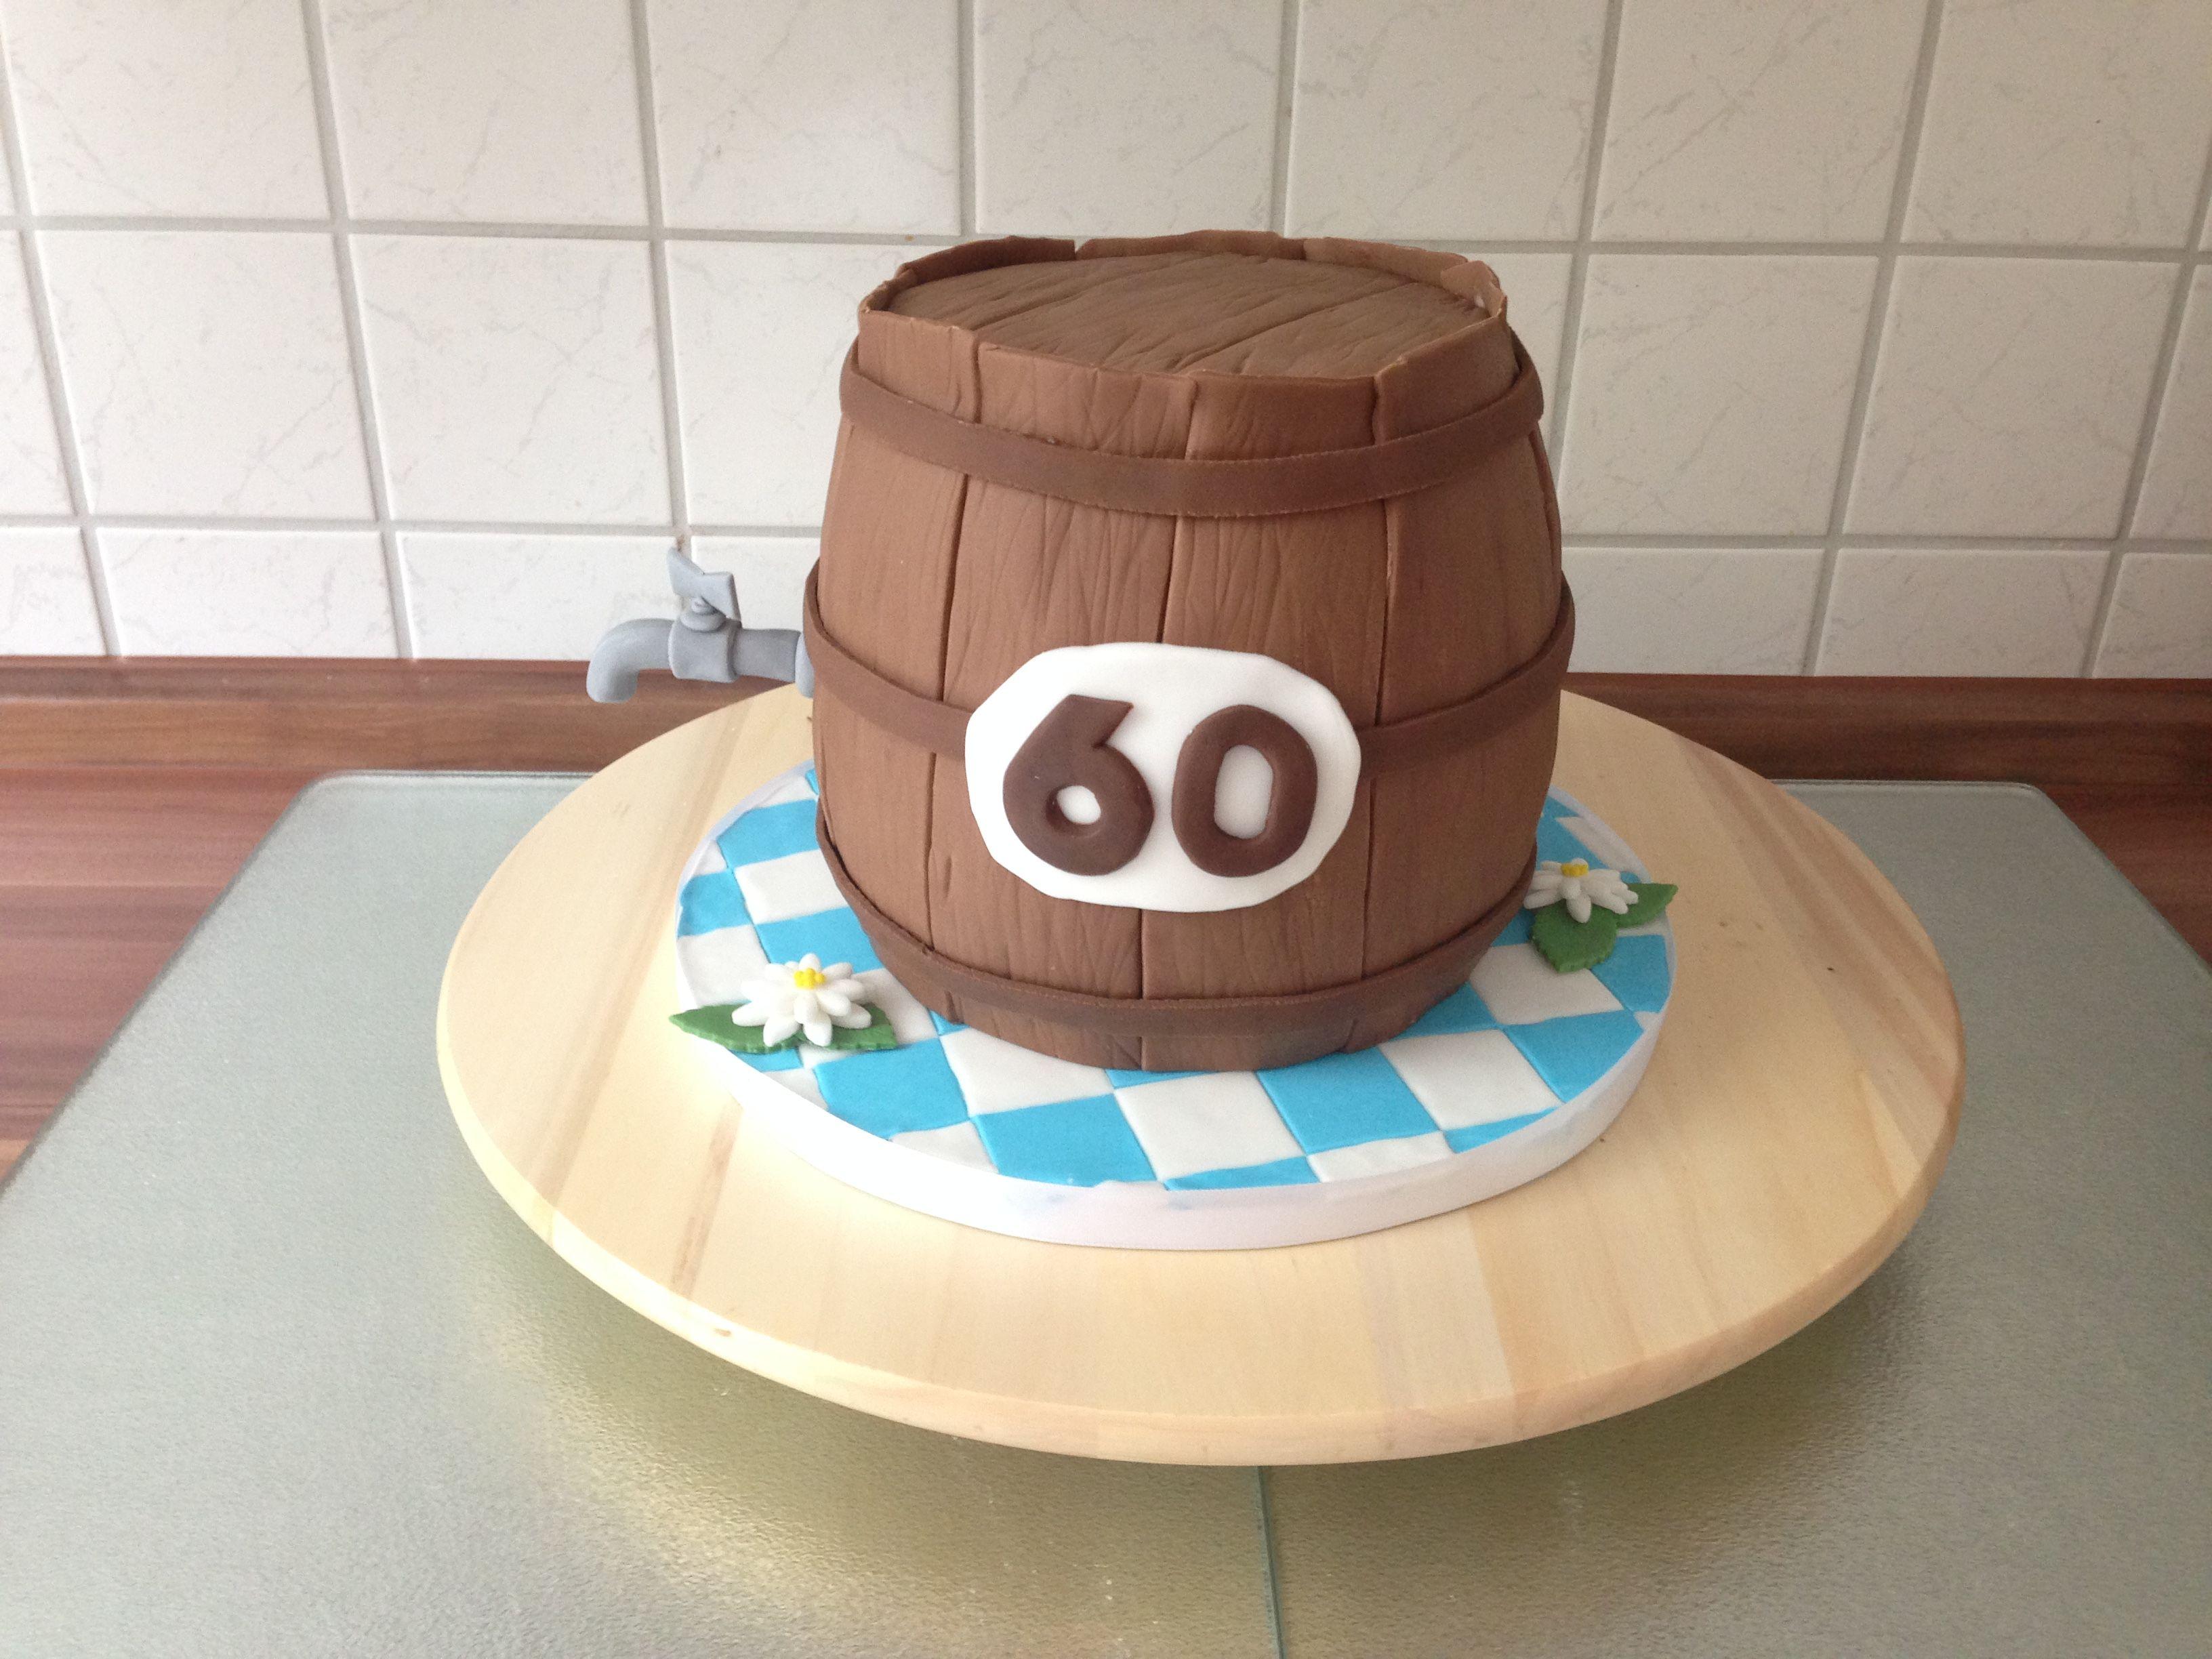 Bierfass Torte Kuchen Fasstorte Motivtorten Fondanttorten